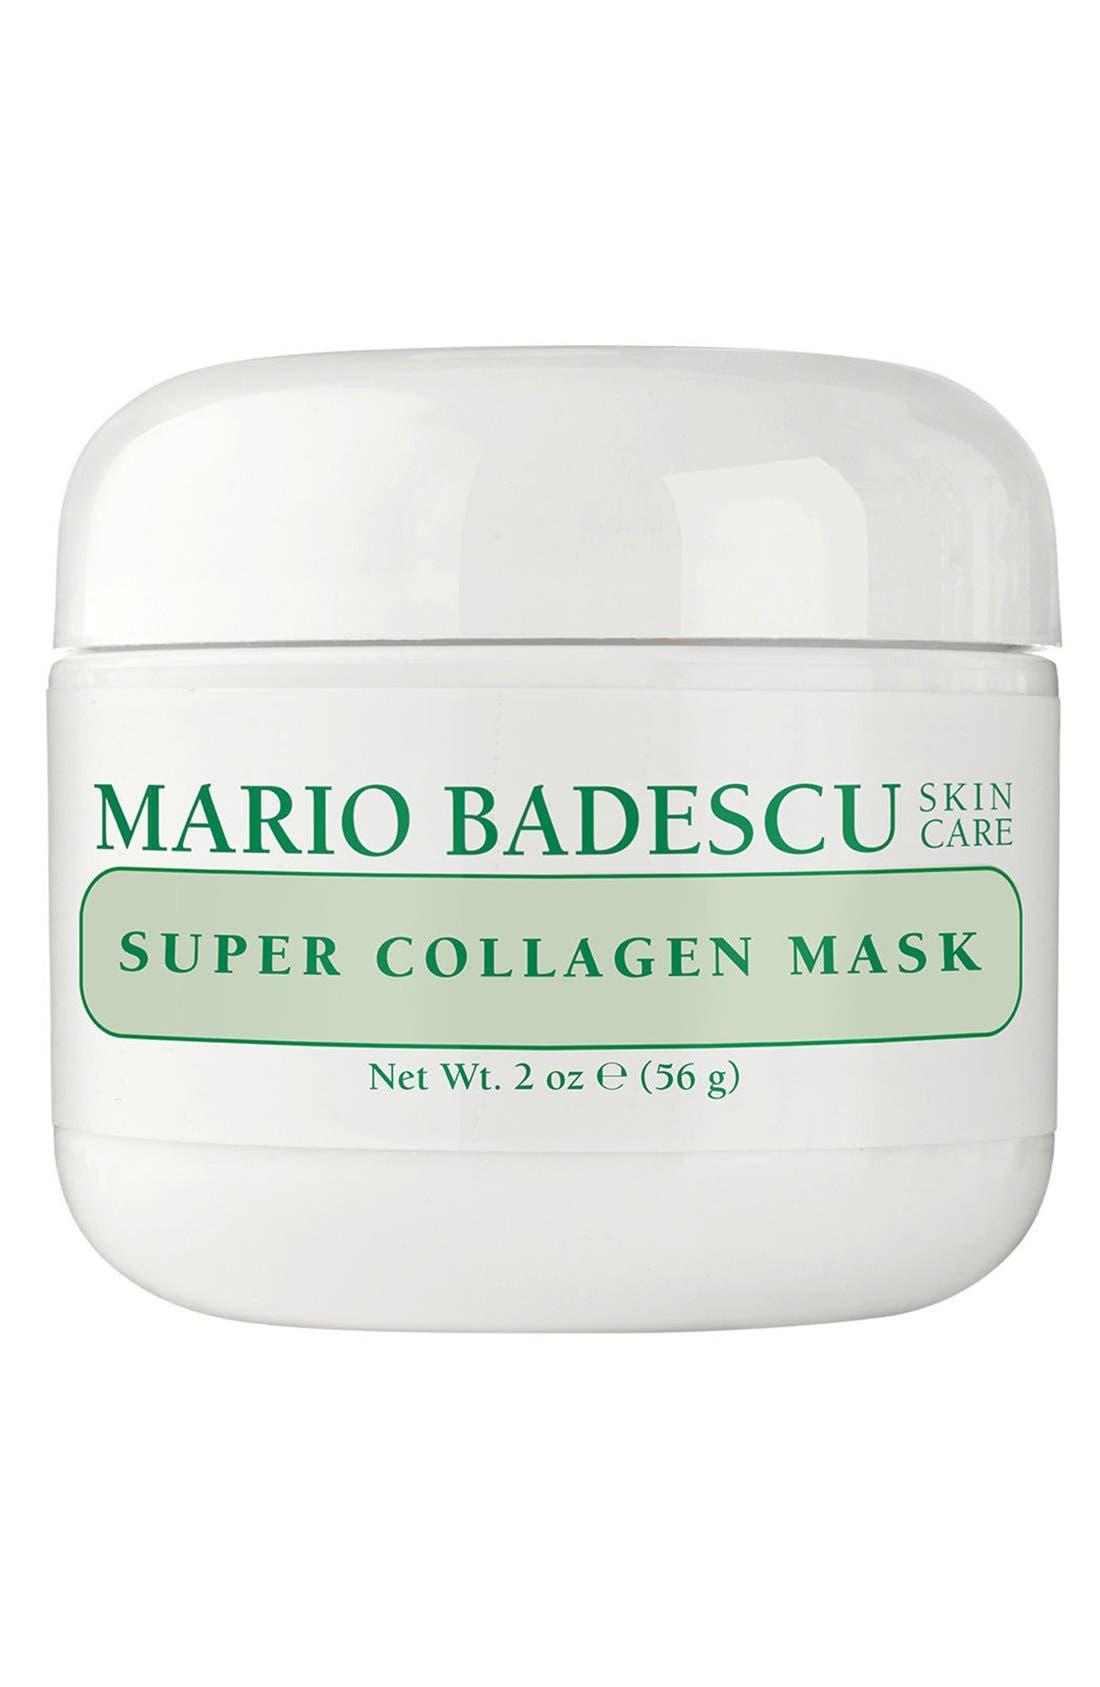 'Super Collagen' Mask,                             Main thumbnail 1, color,                             NO COLOR